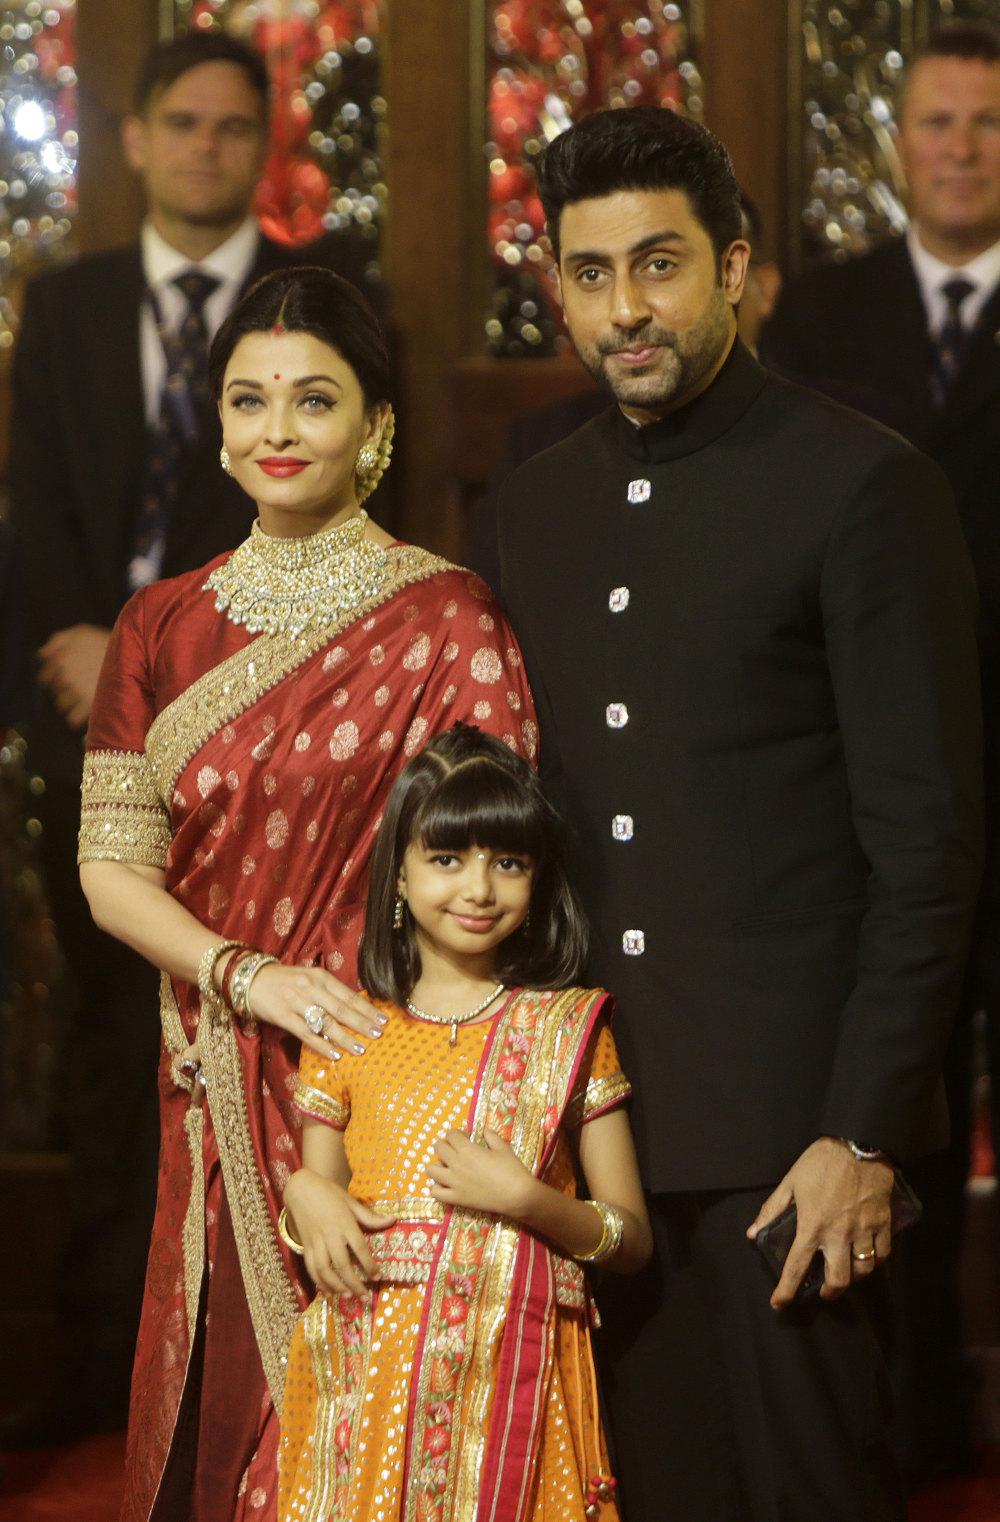 Η οικογένεια Μπατσάν, εδώ από τον γάμο του ζευγαριού, διαγνώστηκε στο σύνολό της με κορωνοϊό